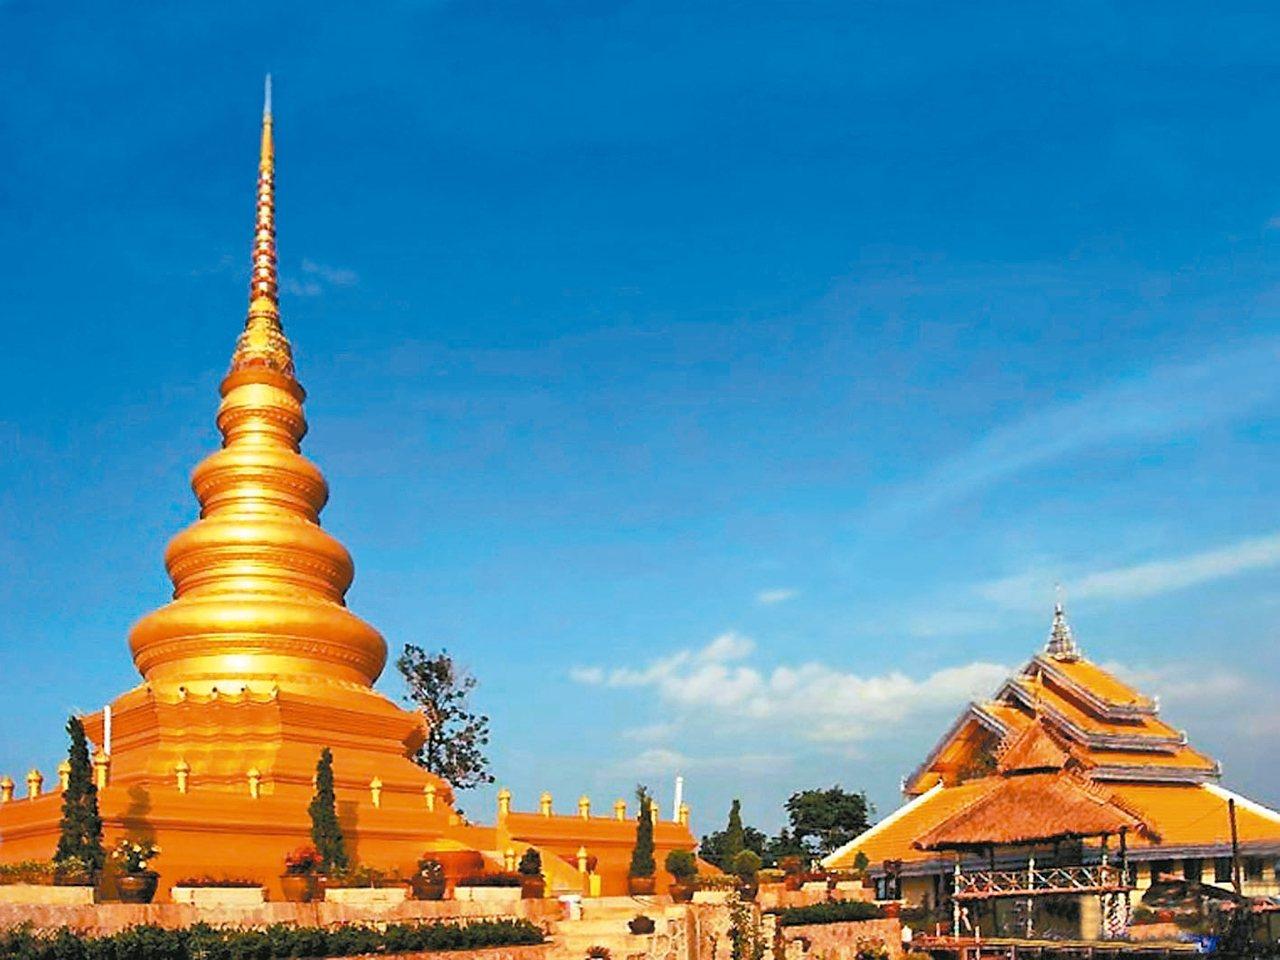 泰國政府最近通過新旅遊政策,大幅降低入境門檻,同時放寬外籍人士留泰限制,業界評估...